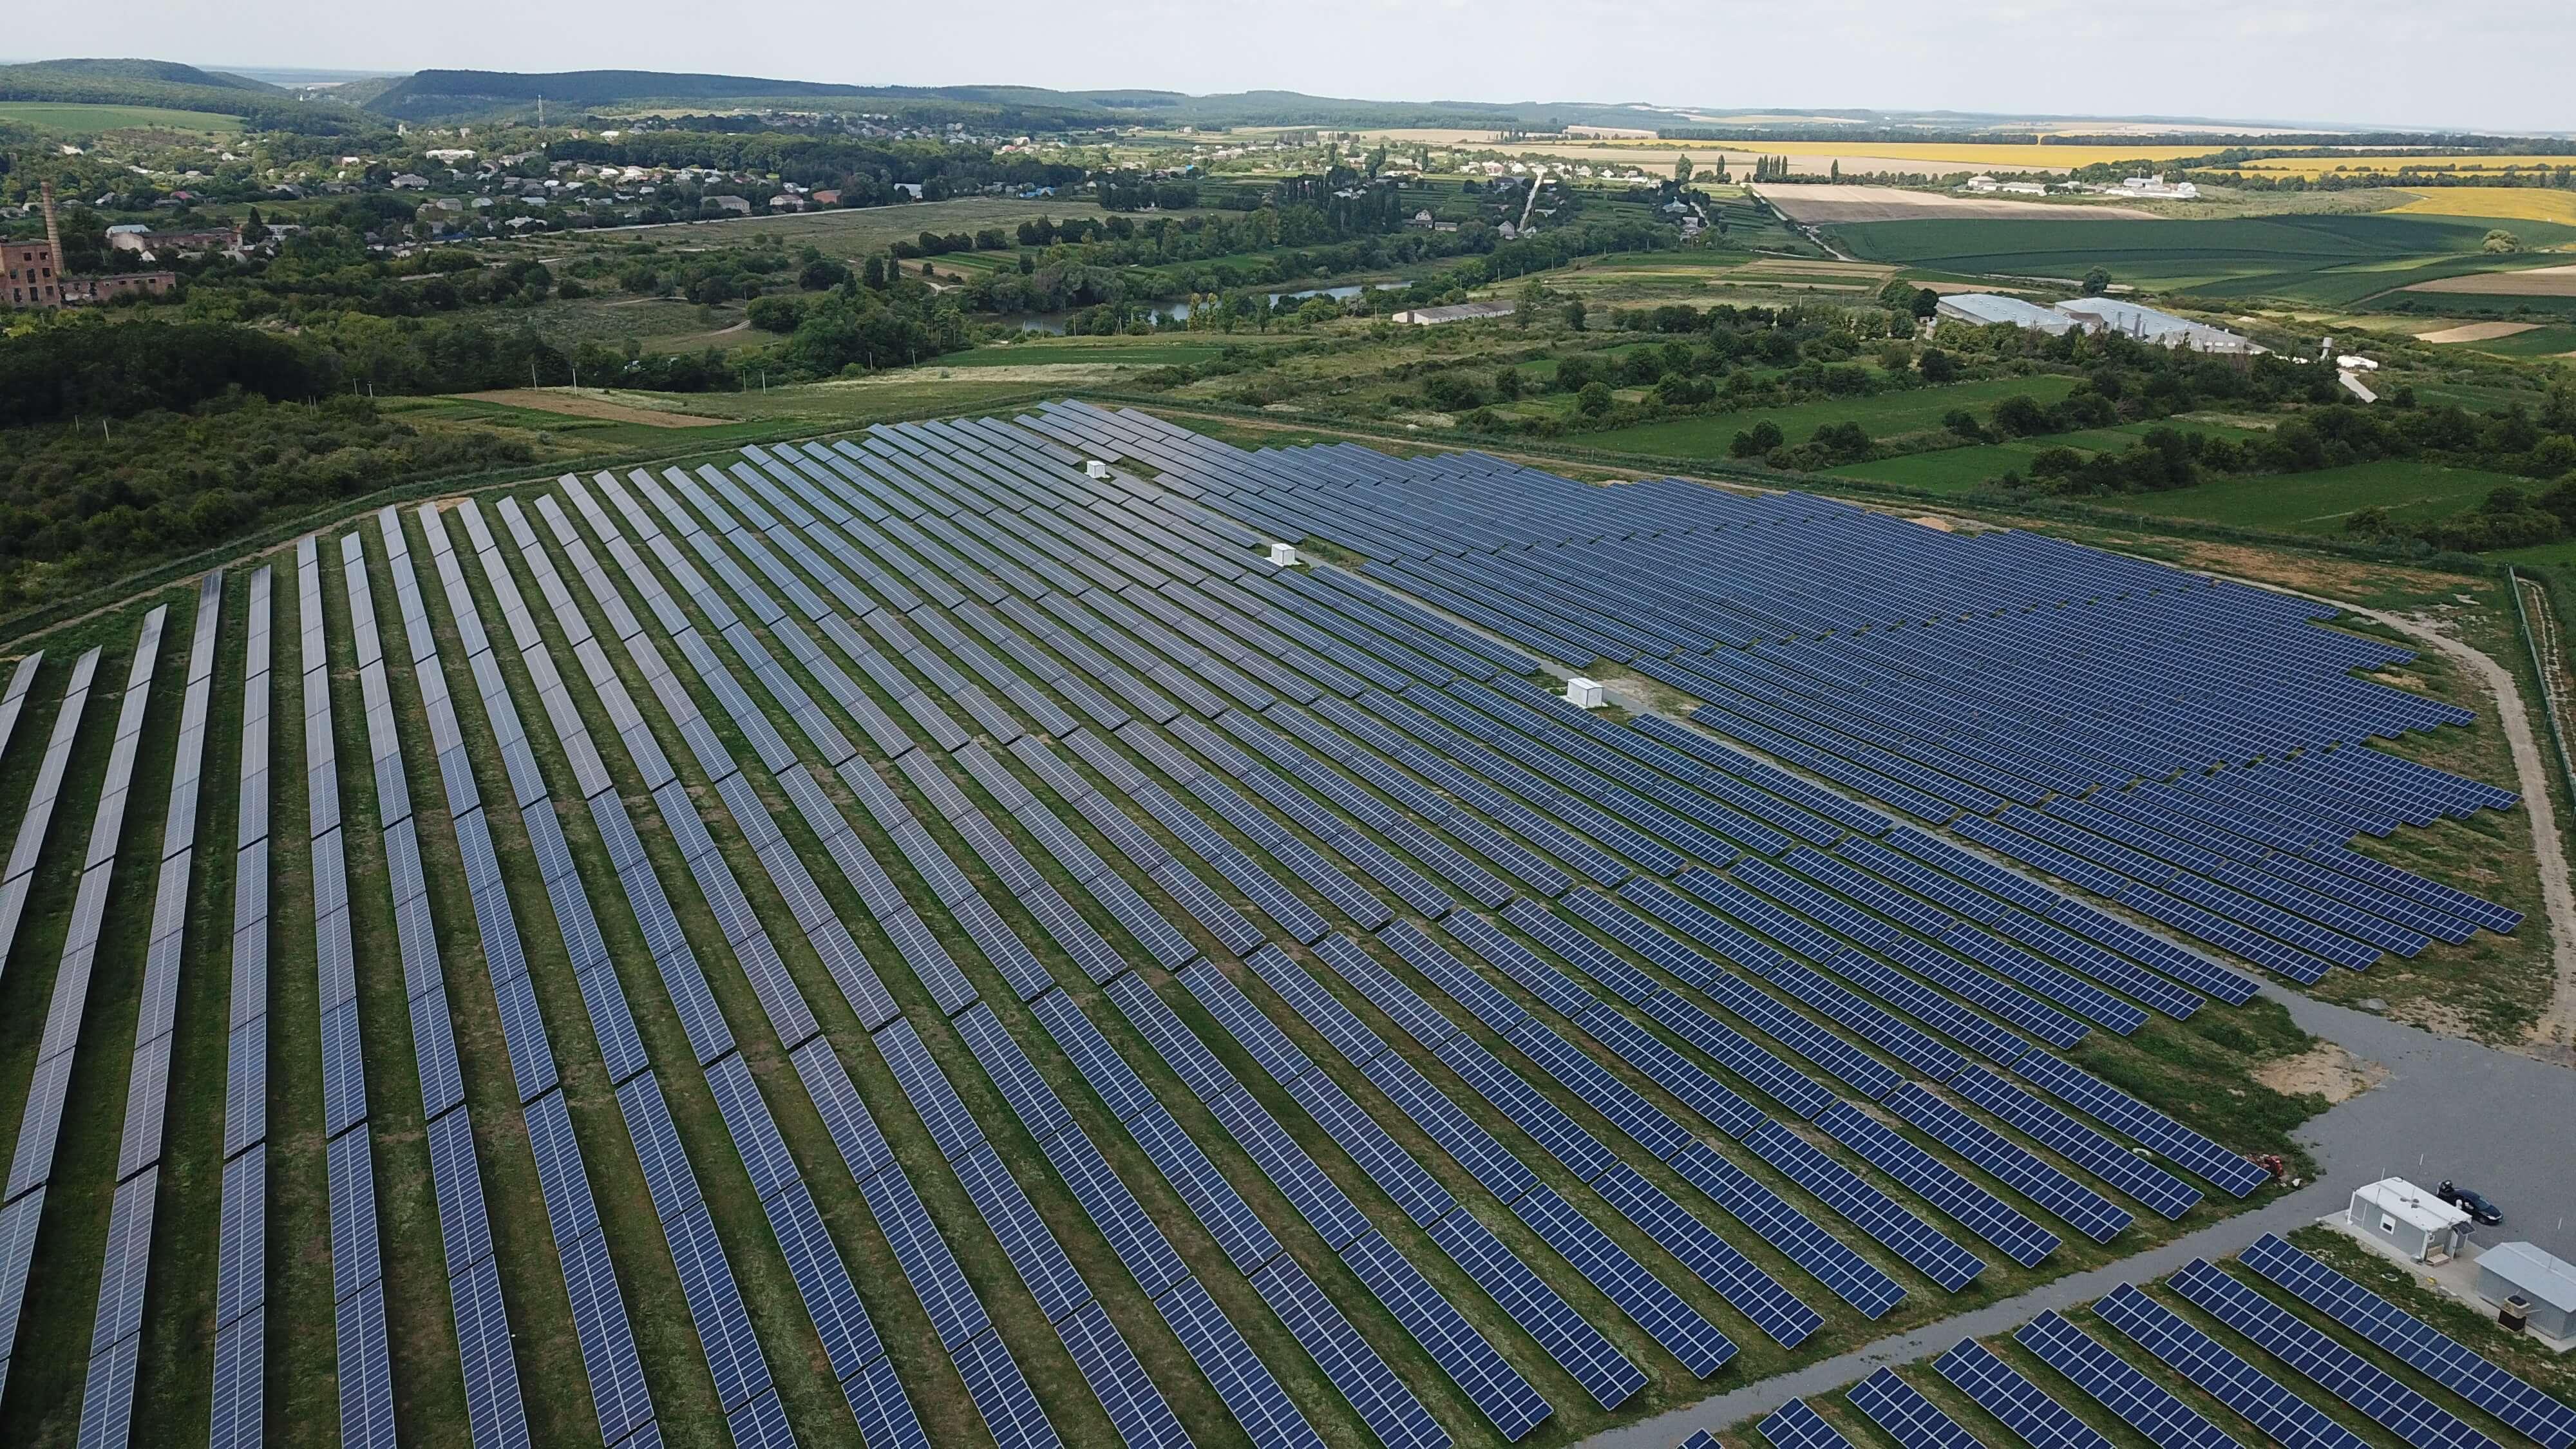 строительство СЭС под ключ, купить электростанцию, инвестировать в СЭС, сэс украина